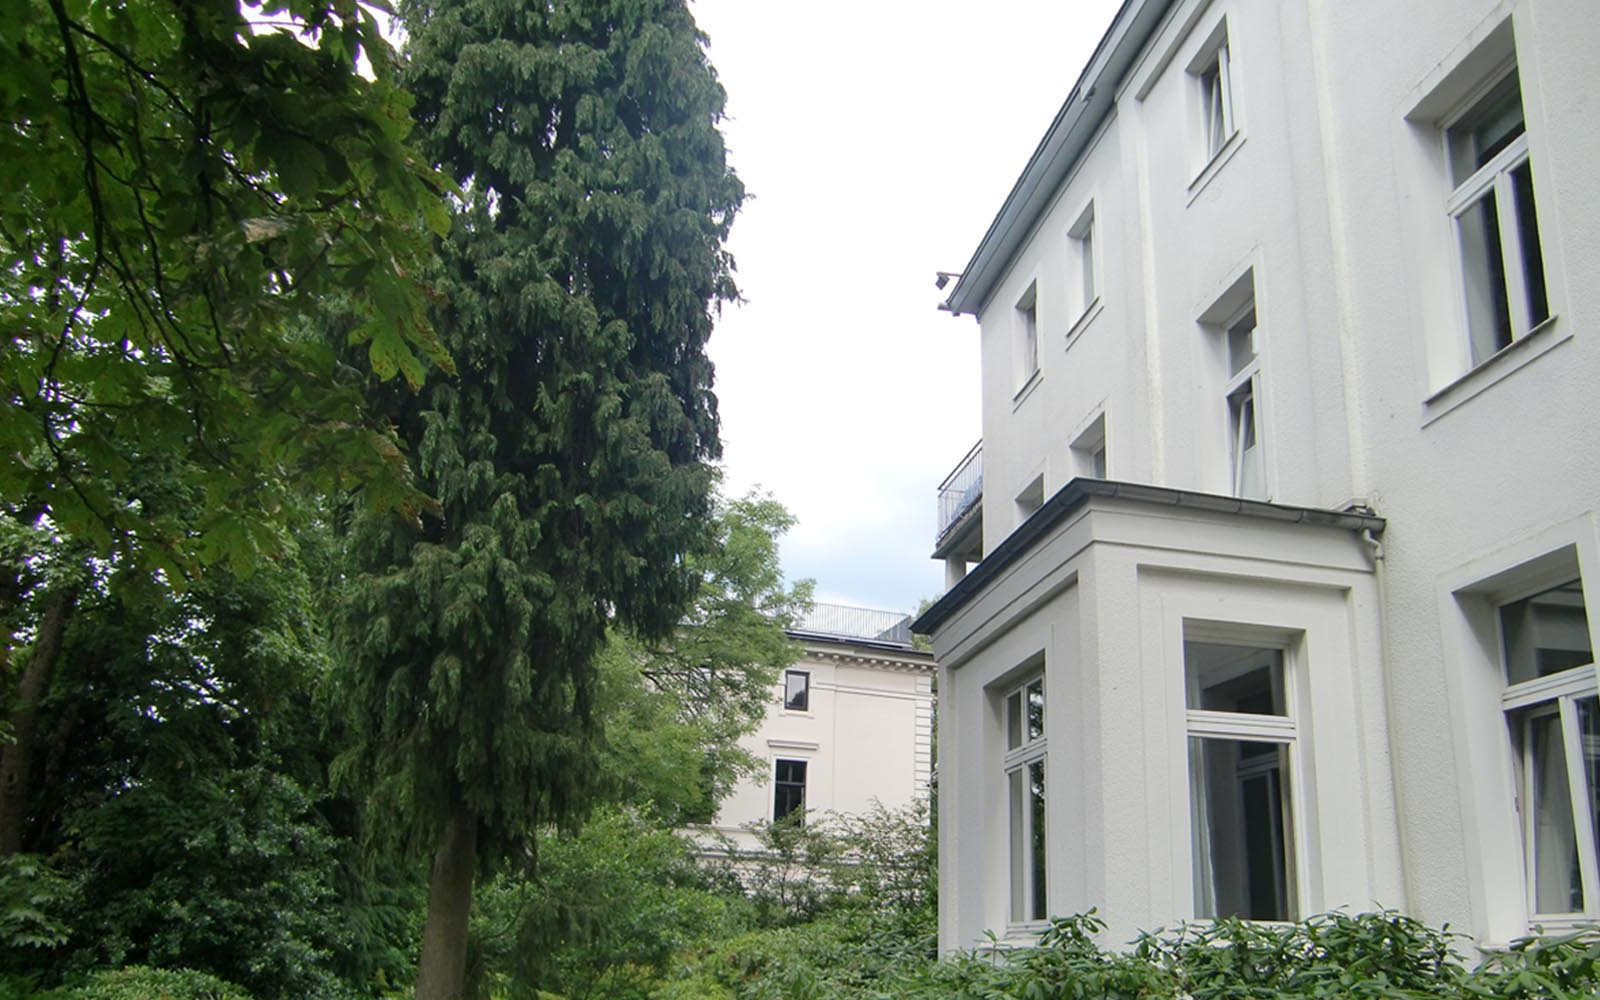 STL_SteinwegClausArchitekten_Stadtvilla_Umbau_Altbau_Luedenscheid_00005